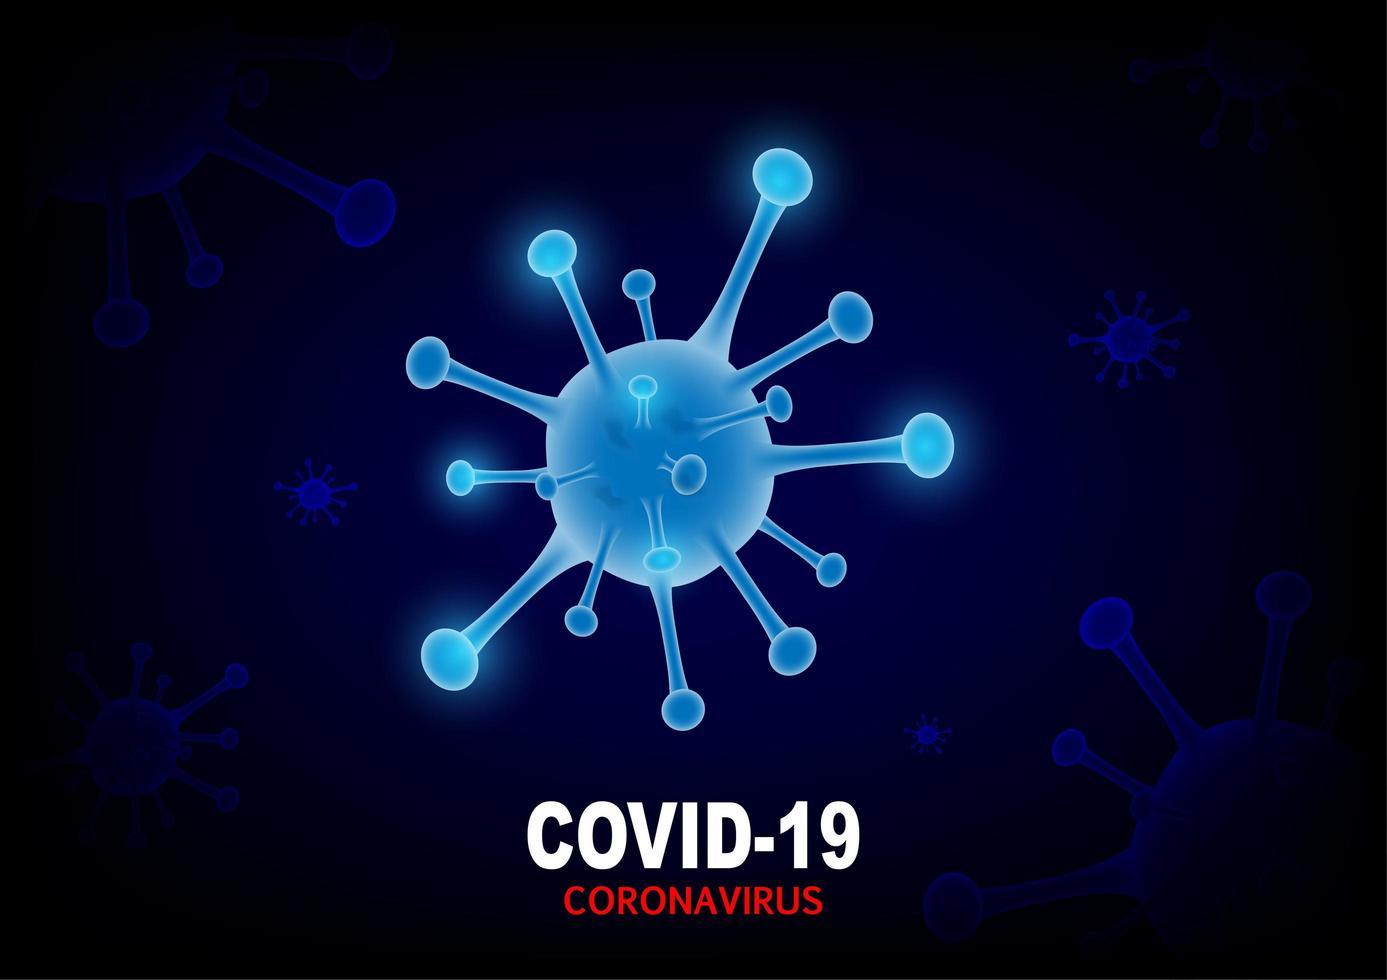 Diseño de coronavirus covid-19 con célula de virus azul brillante vector